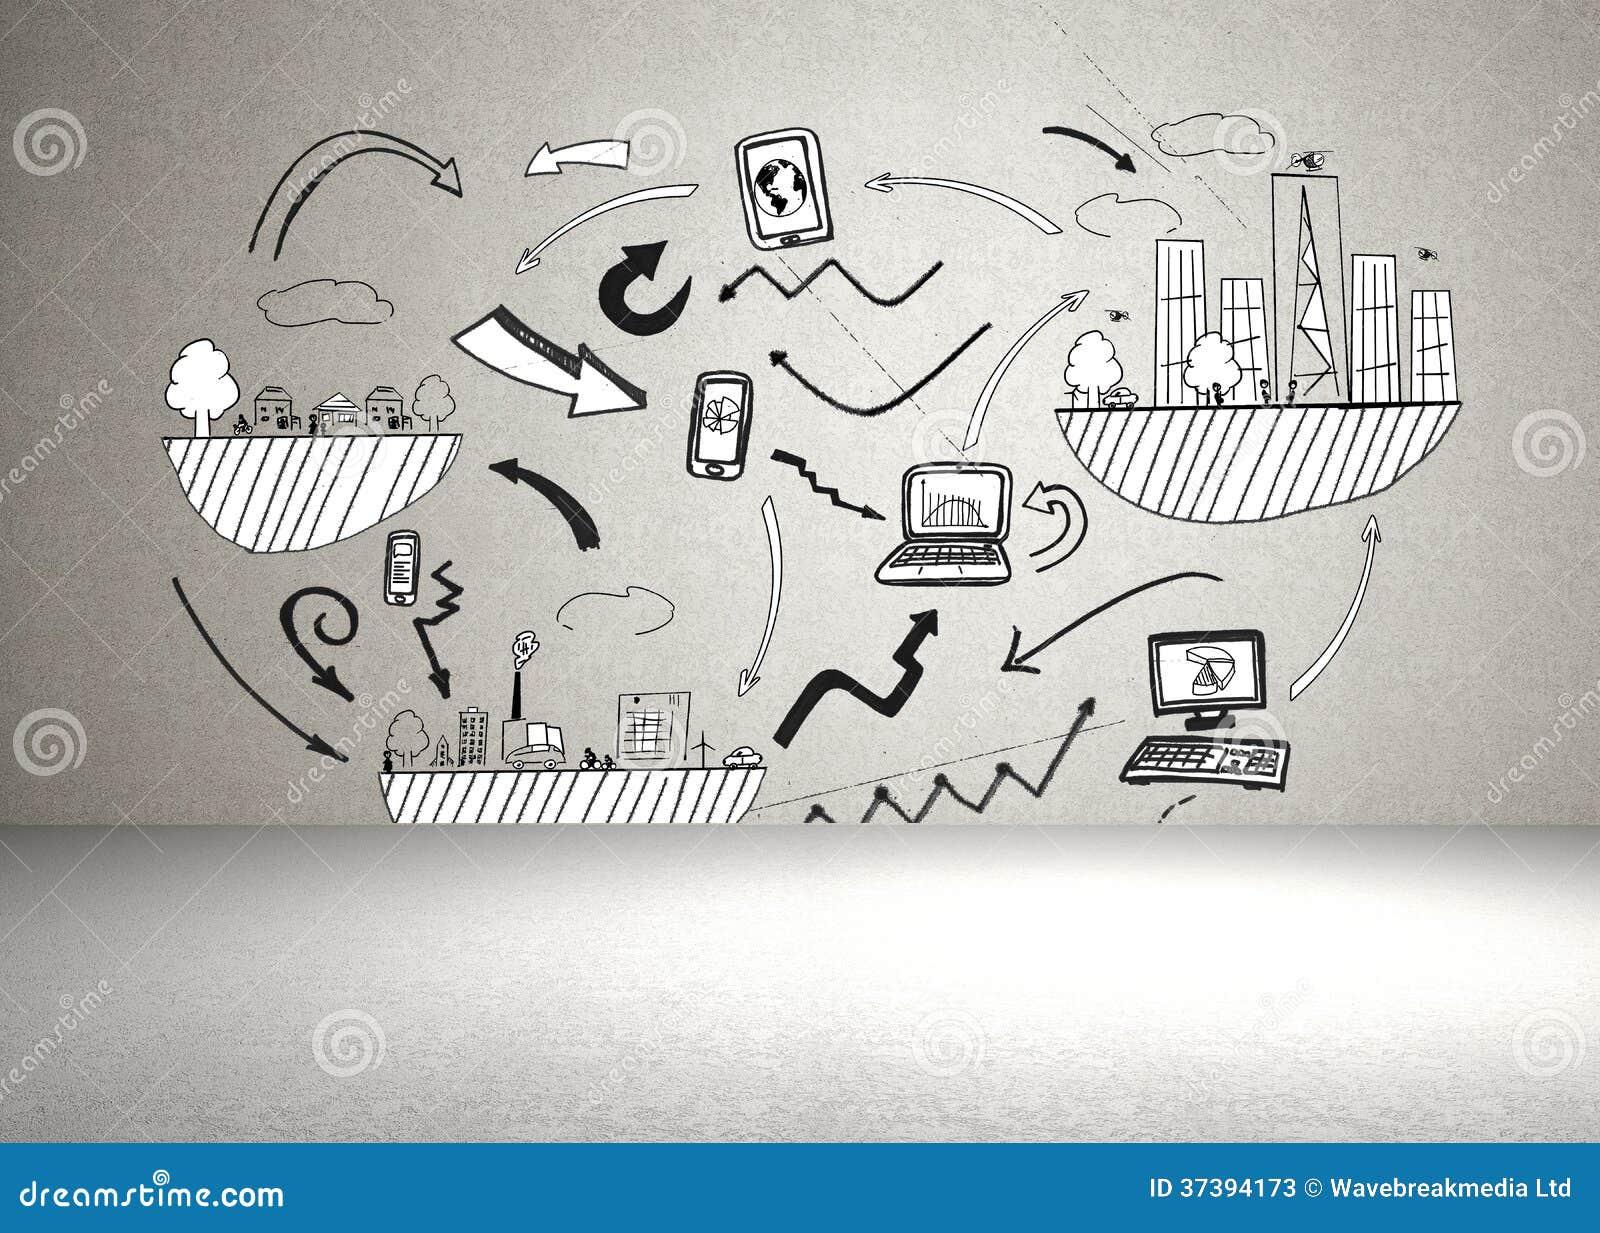 ... voorraadbeelden van ` Uitwisseling van ideeën op de muur